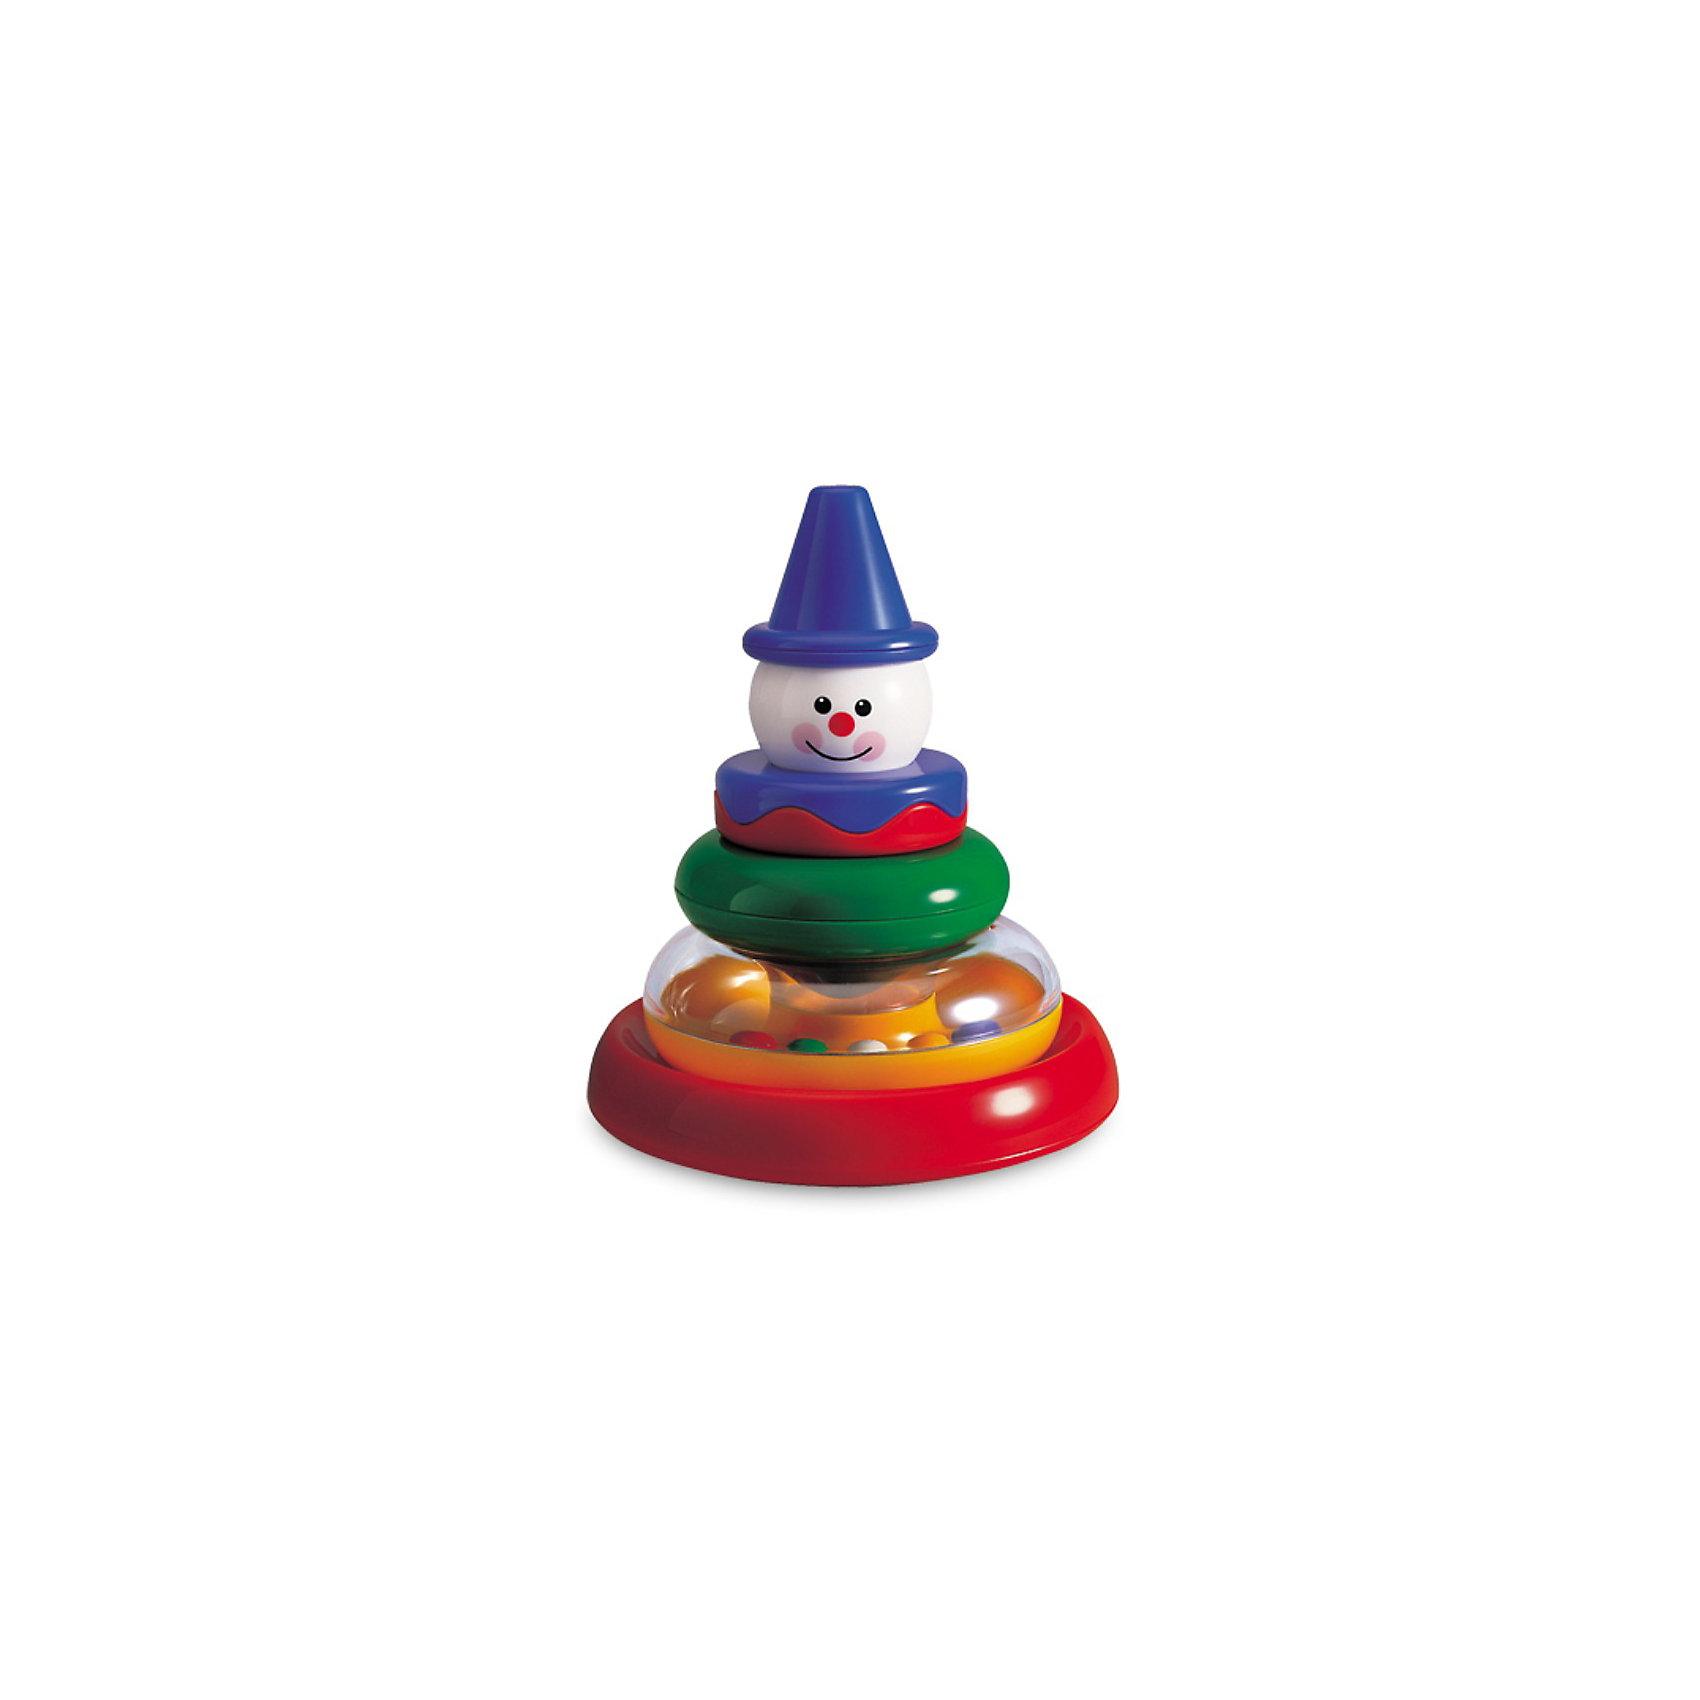 TOLO Пирамидка Клоун, TOLO CLASSIC tolo classic игрушка фотокамера